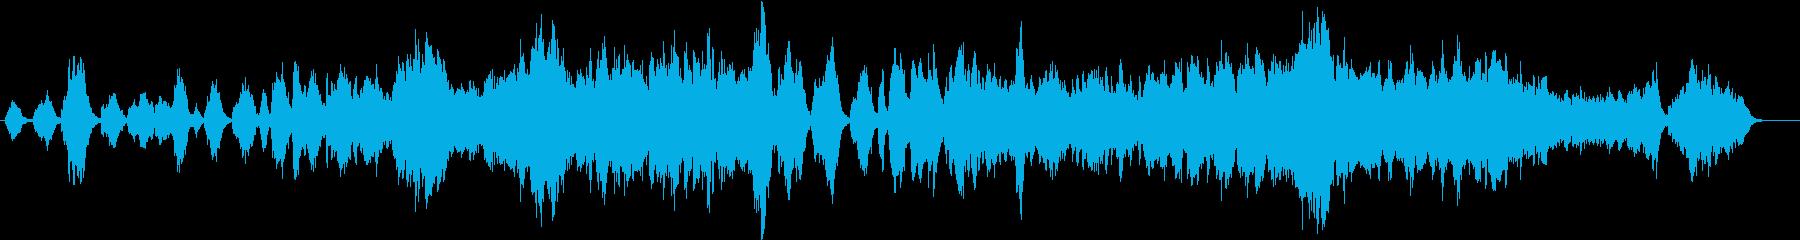 荘厳な雰囲気のクラシック風弦楽合奏の再生済みの波形